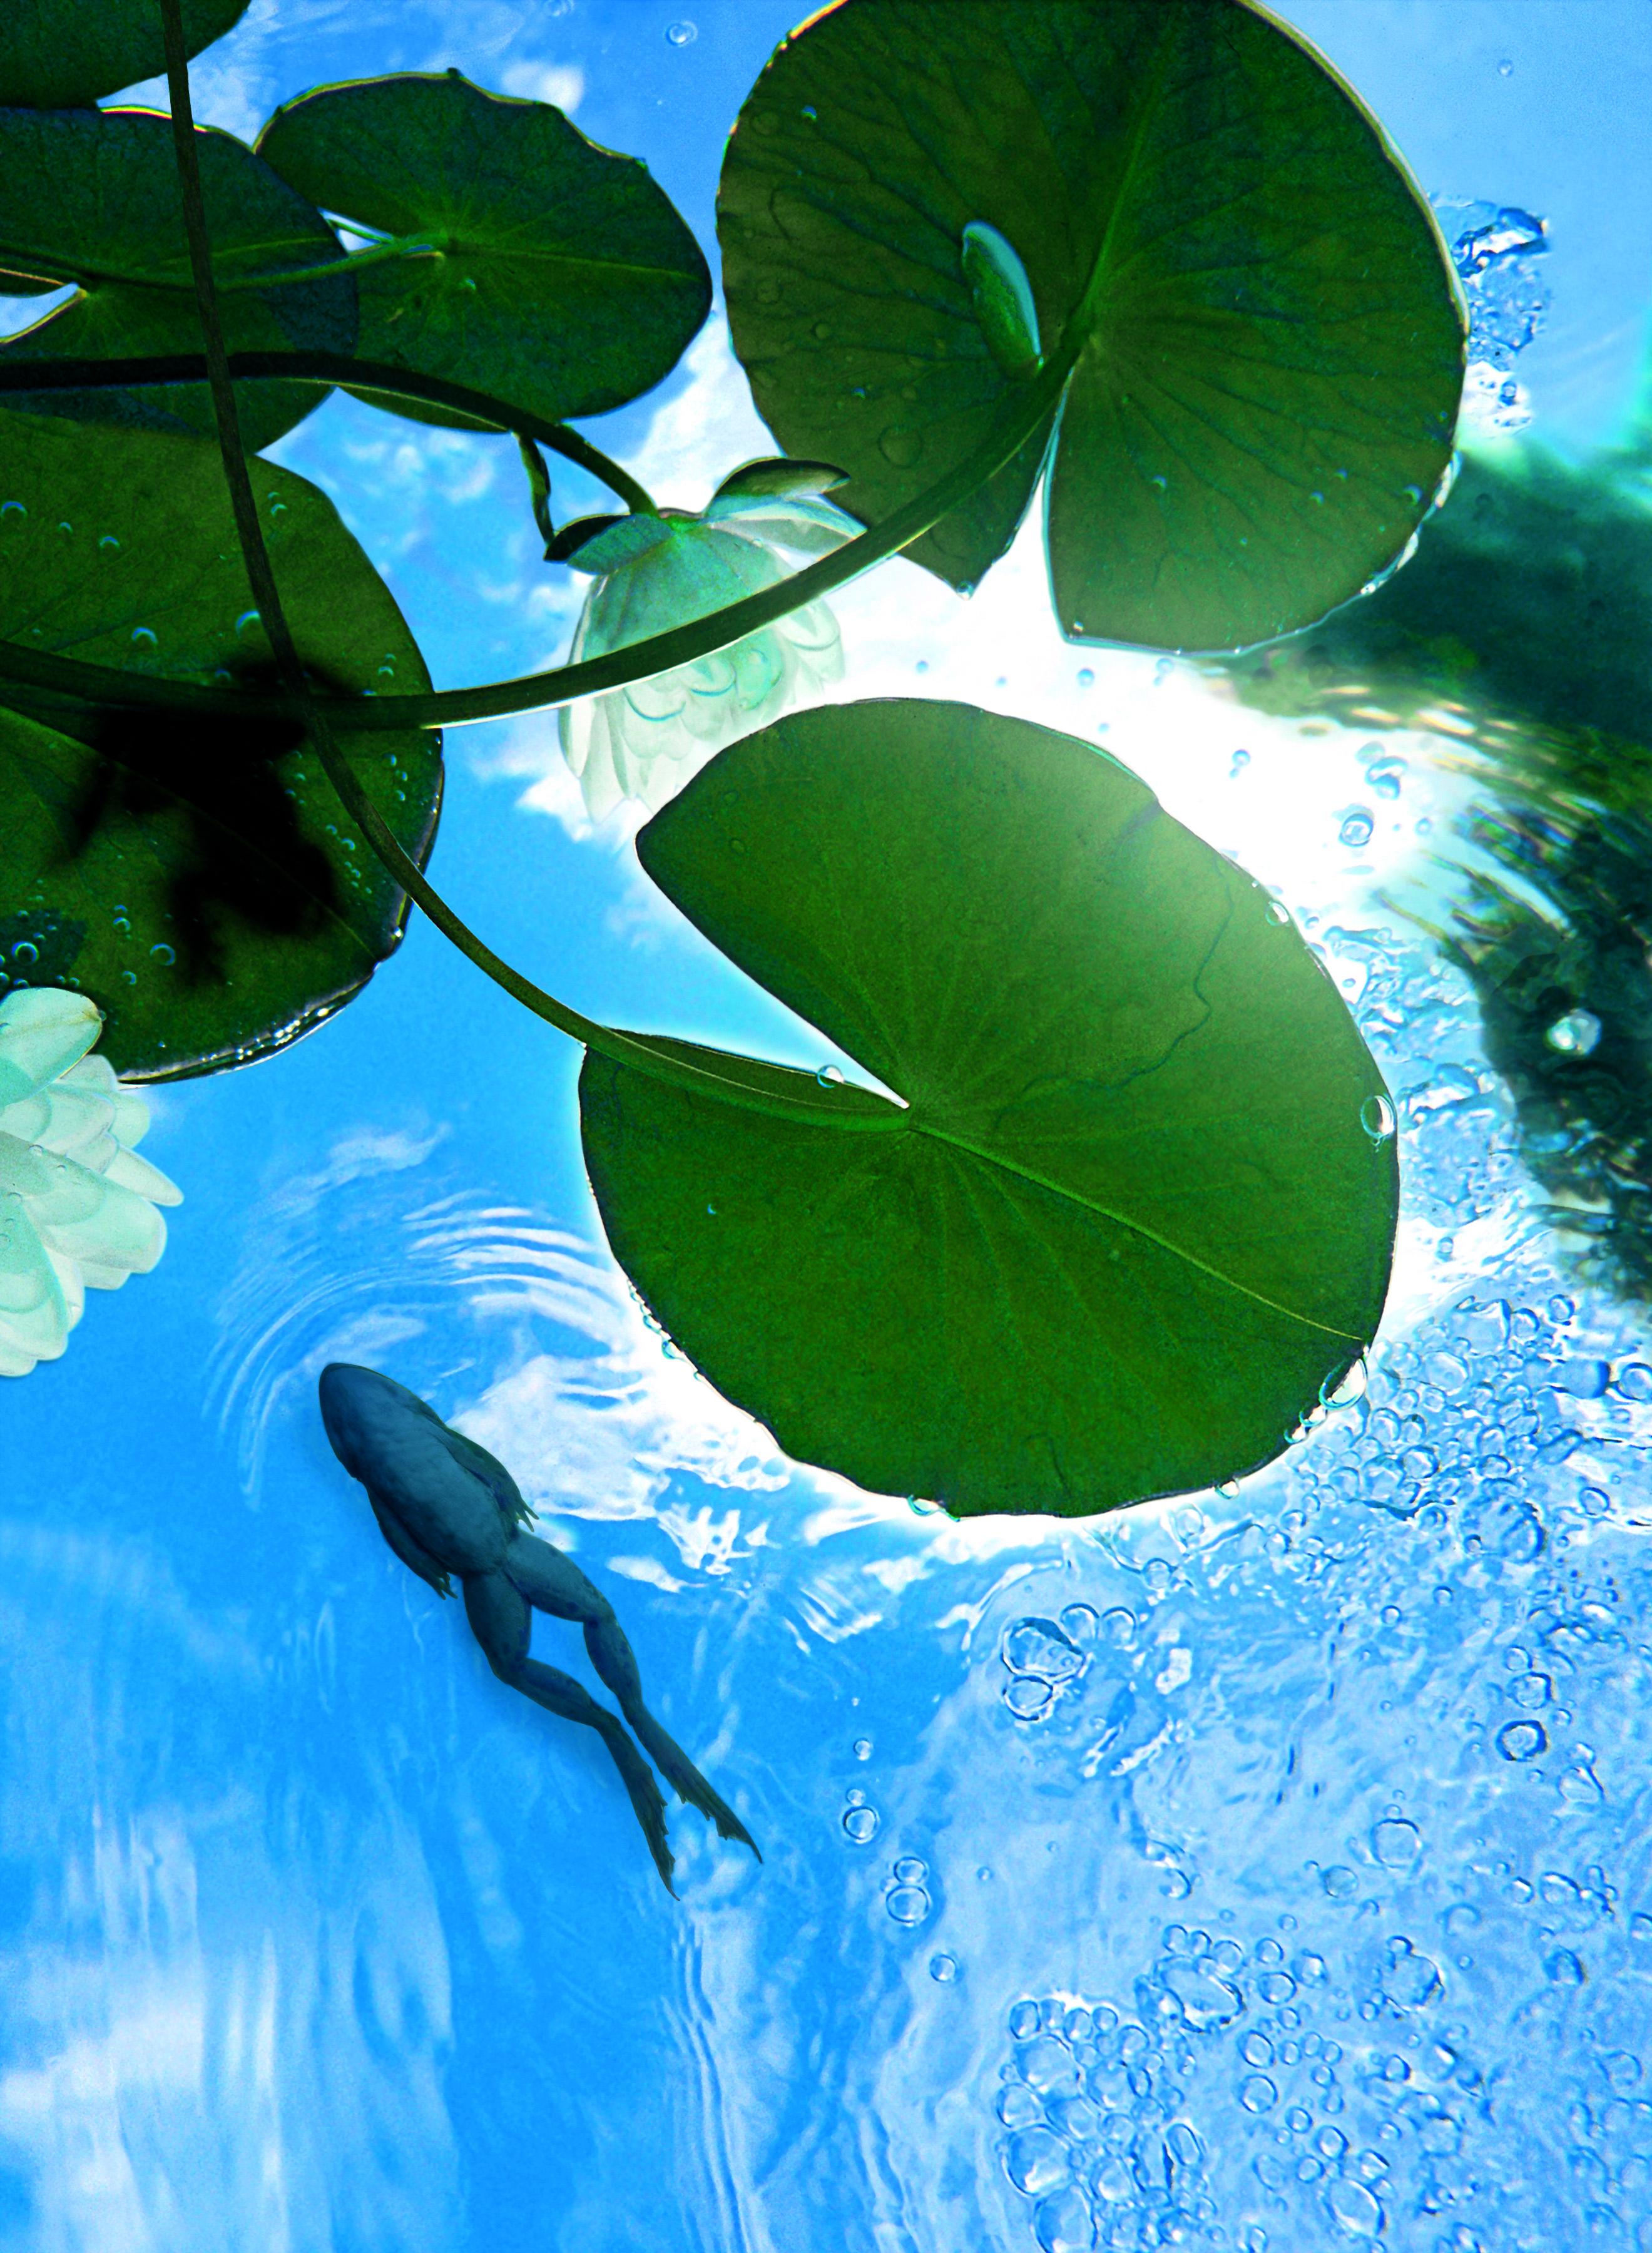 Alerte algues dans l 39 tang du jardin wohnen for Achat poisson etang